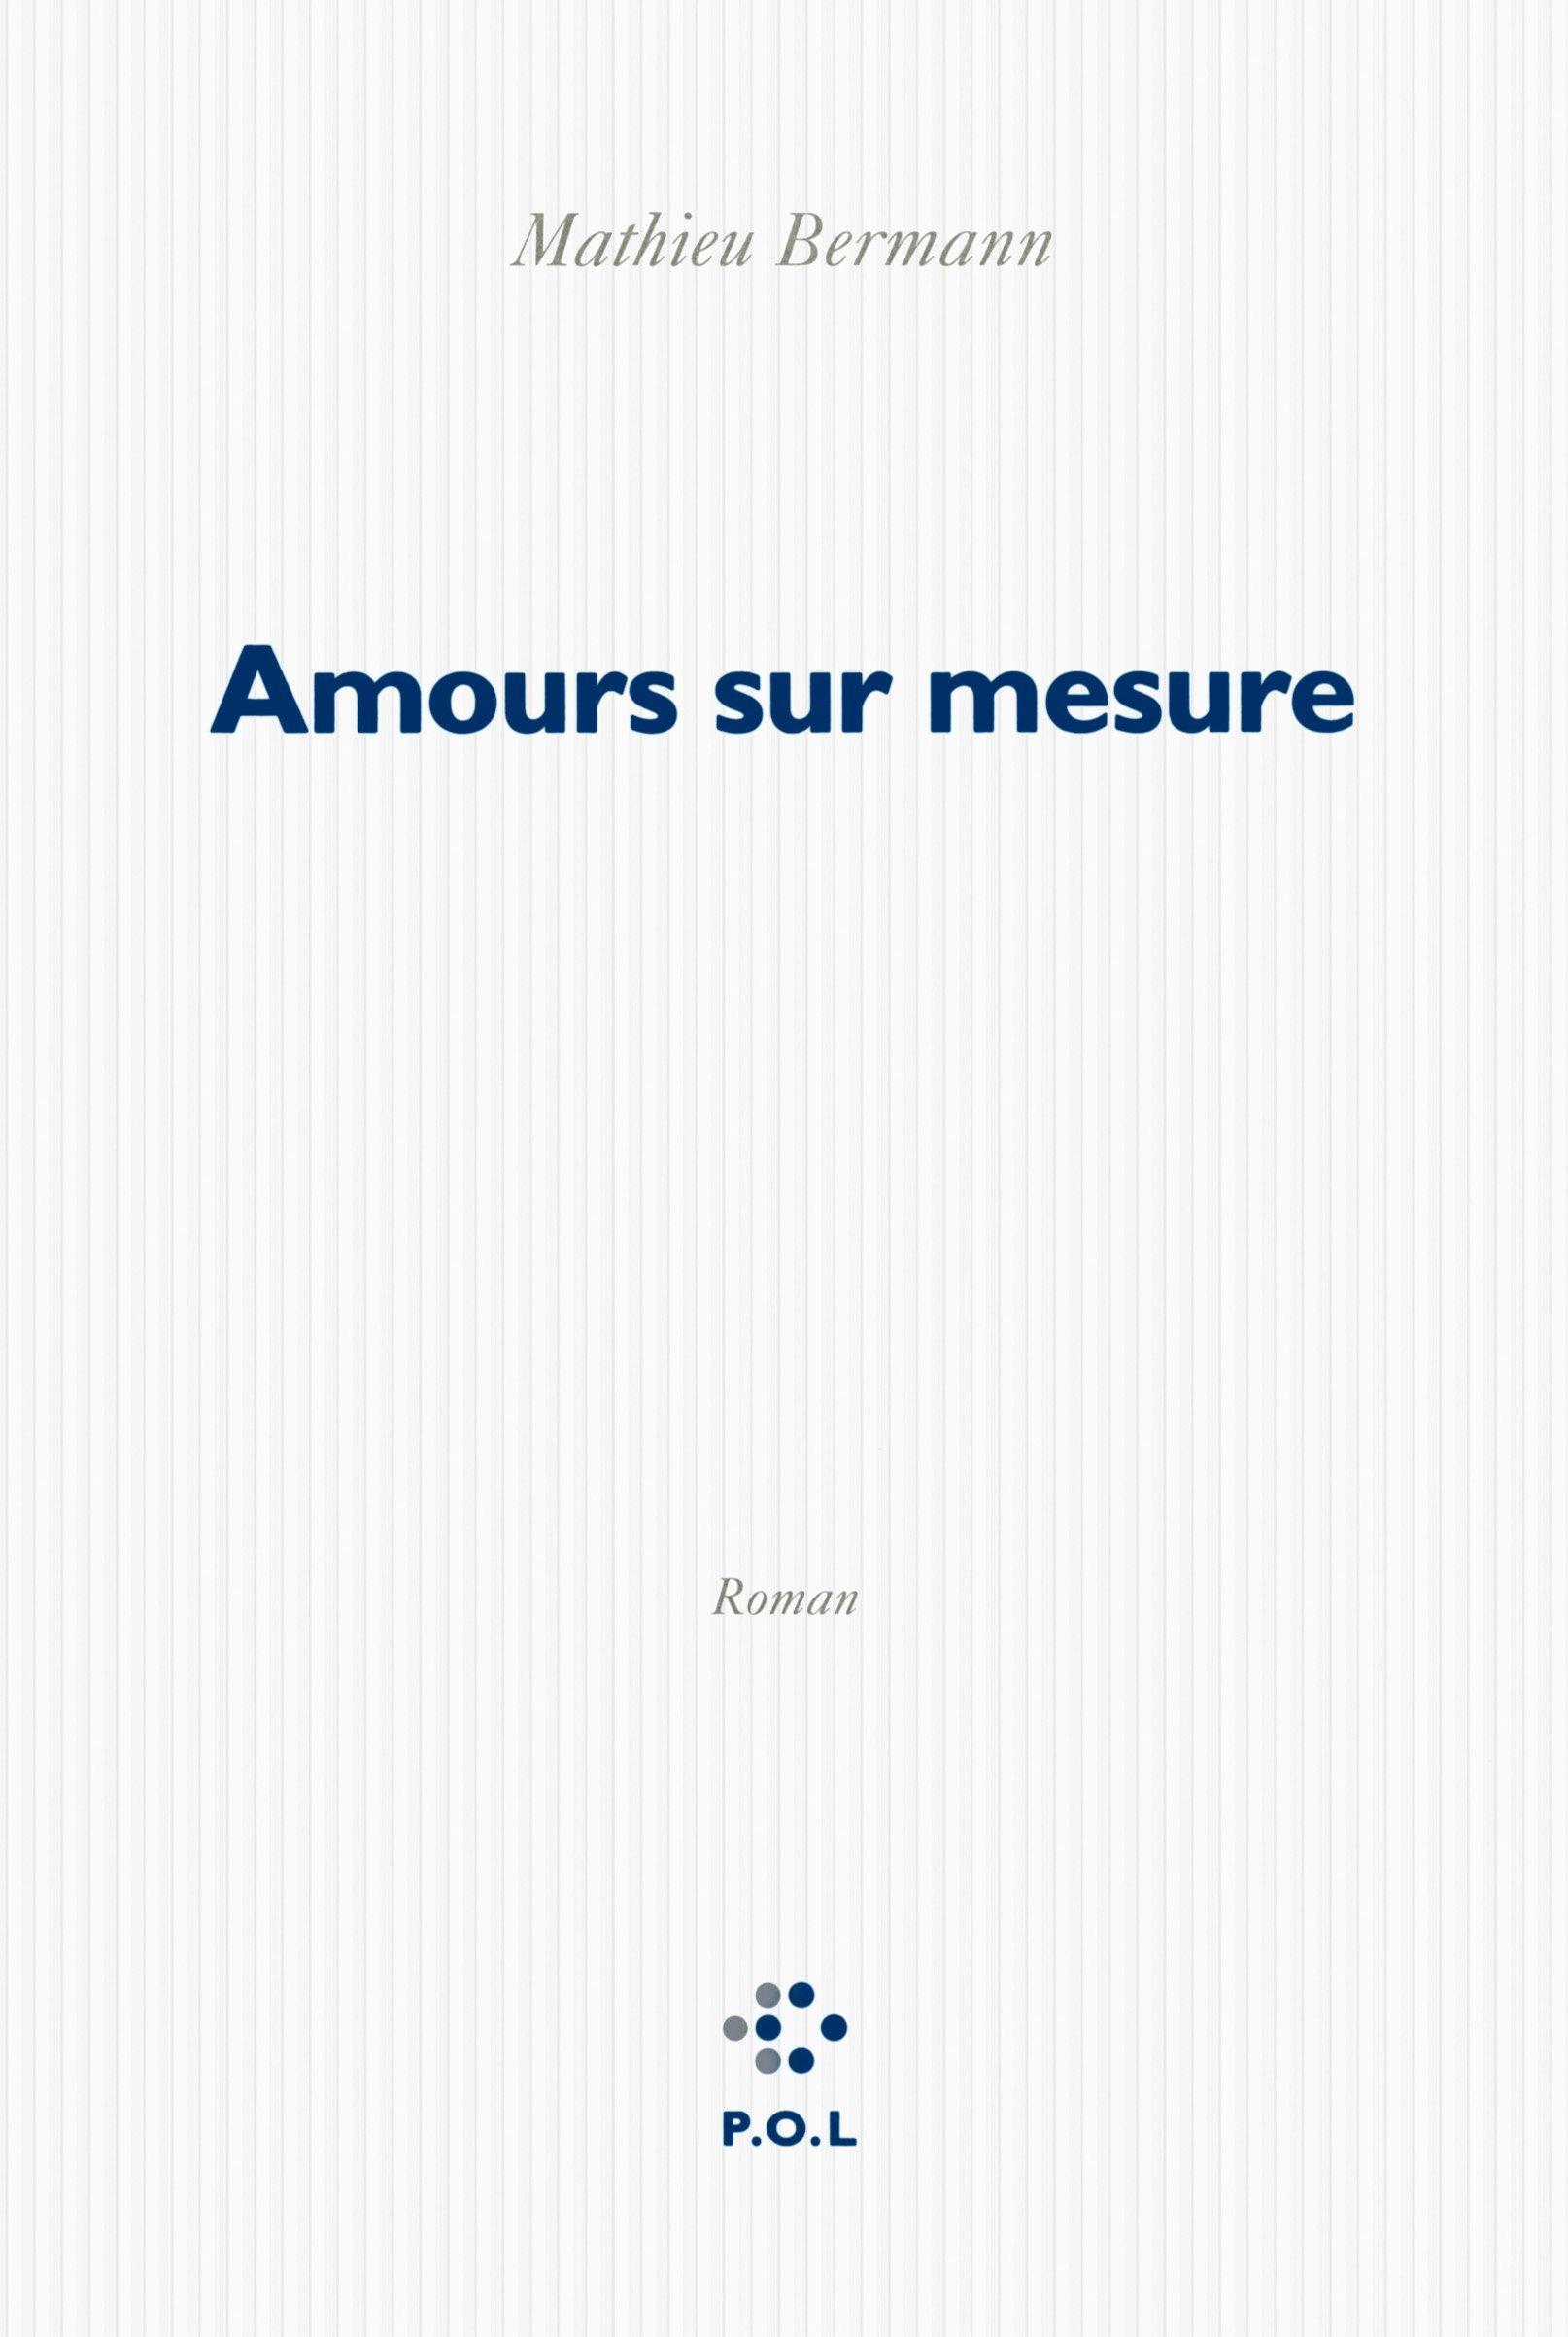 Amours sur mesure